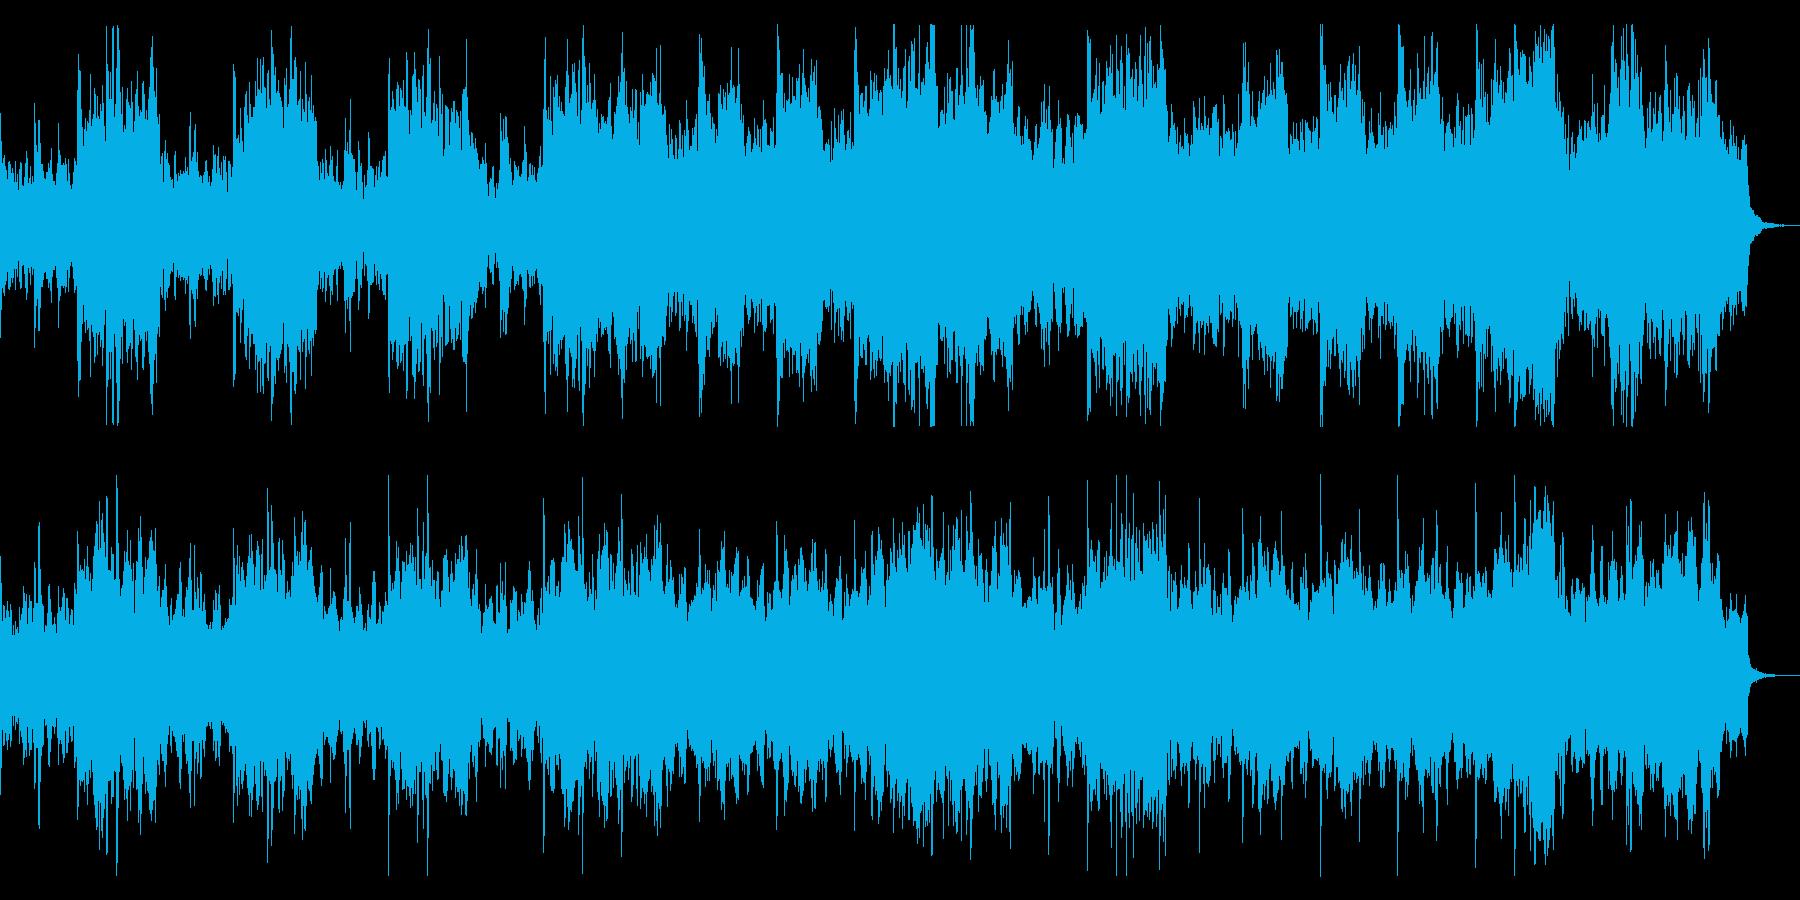 ダーク、ホラー向け ドラム入りBGMの再生済みの波形